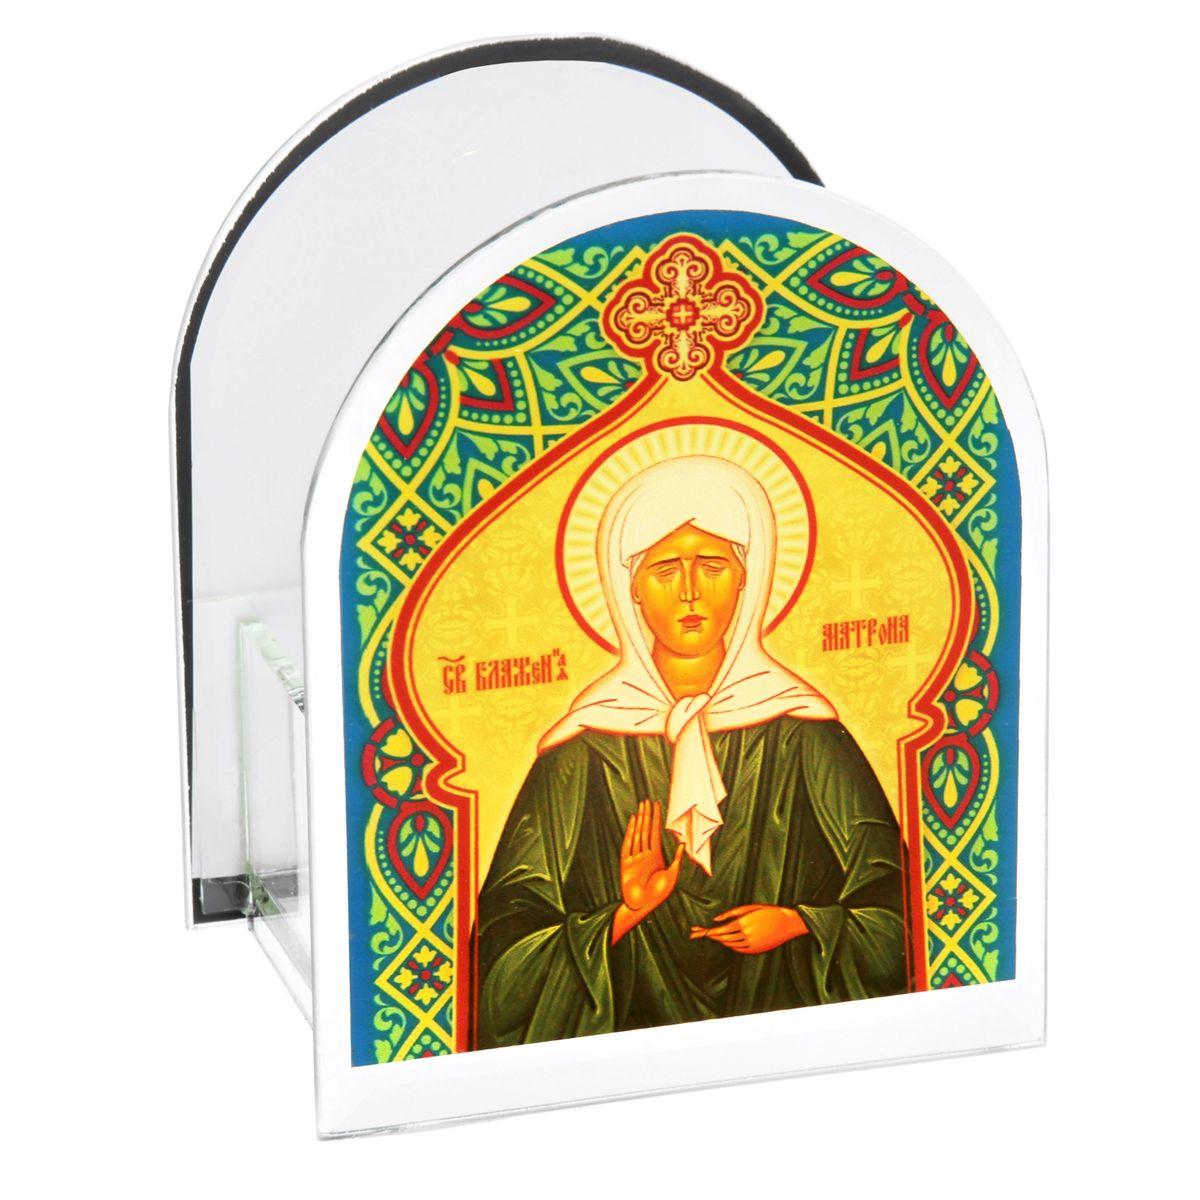 Подсвечник Sima-land Святая Матрона Московская842463Подсвечник Sima-land Святая Матрона Московская изготовлен из качественного стекла, предназначен для свечи в гильзе. С одной стороны подсвечника изображен лик святого, с другой стороны нанесена молитва. Зажгите свечку поставьте ее в подсвечник и наслаждайтесь теплом, которое наполнит ваше сердце.Такой подсвечник привнесет в ваш дом согласие и мир и будет прекрасным подарком, оберегающим близких вам людей. Размер подсвечника (ДхШхВ): 9 см х 7 см х 11 см.Диаметр отверстия для свечи: 4,5 см.